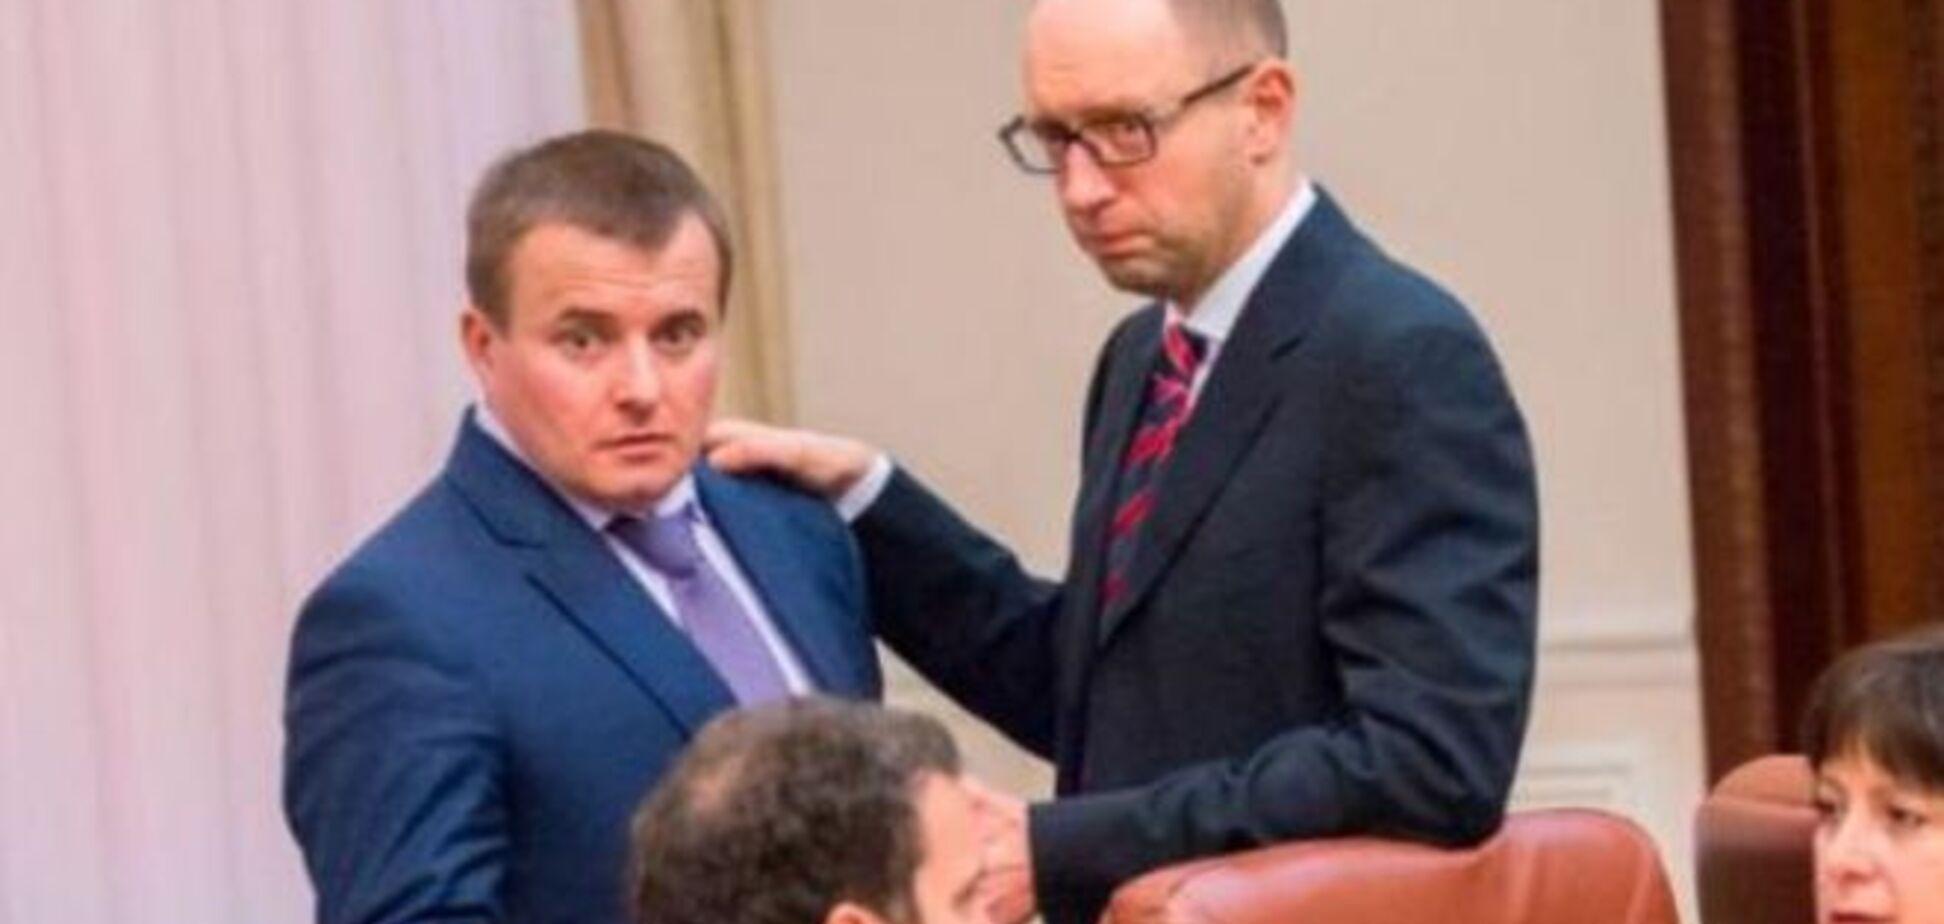 Яценюк посылал Демчишина 'в ж…у' и называл 'конченым брехлом' - экс-глава Минэкологии